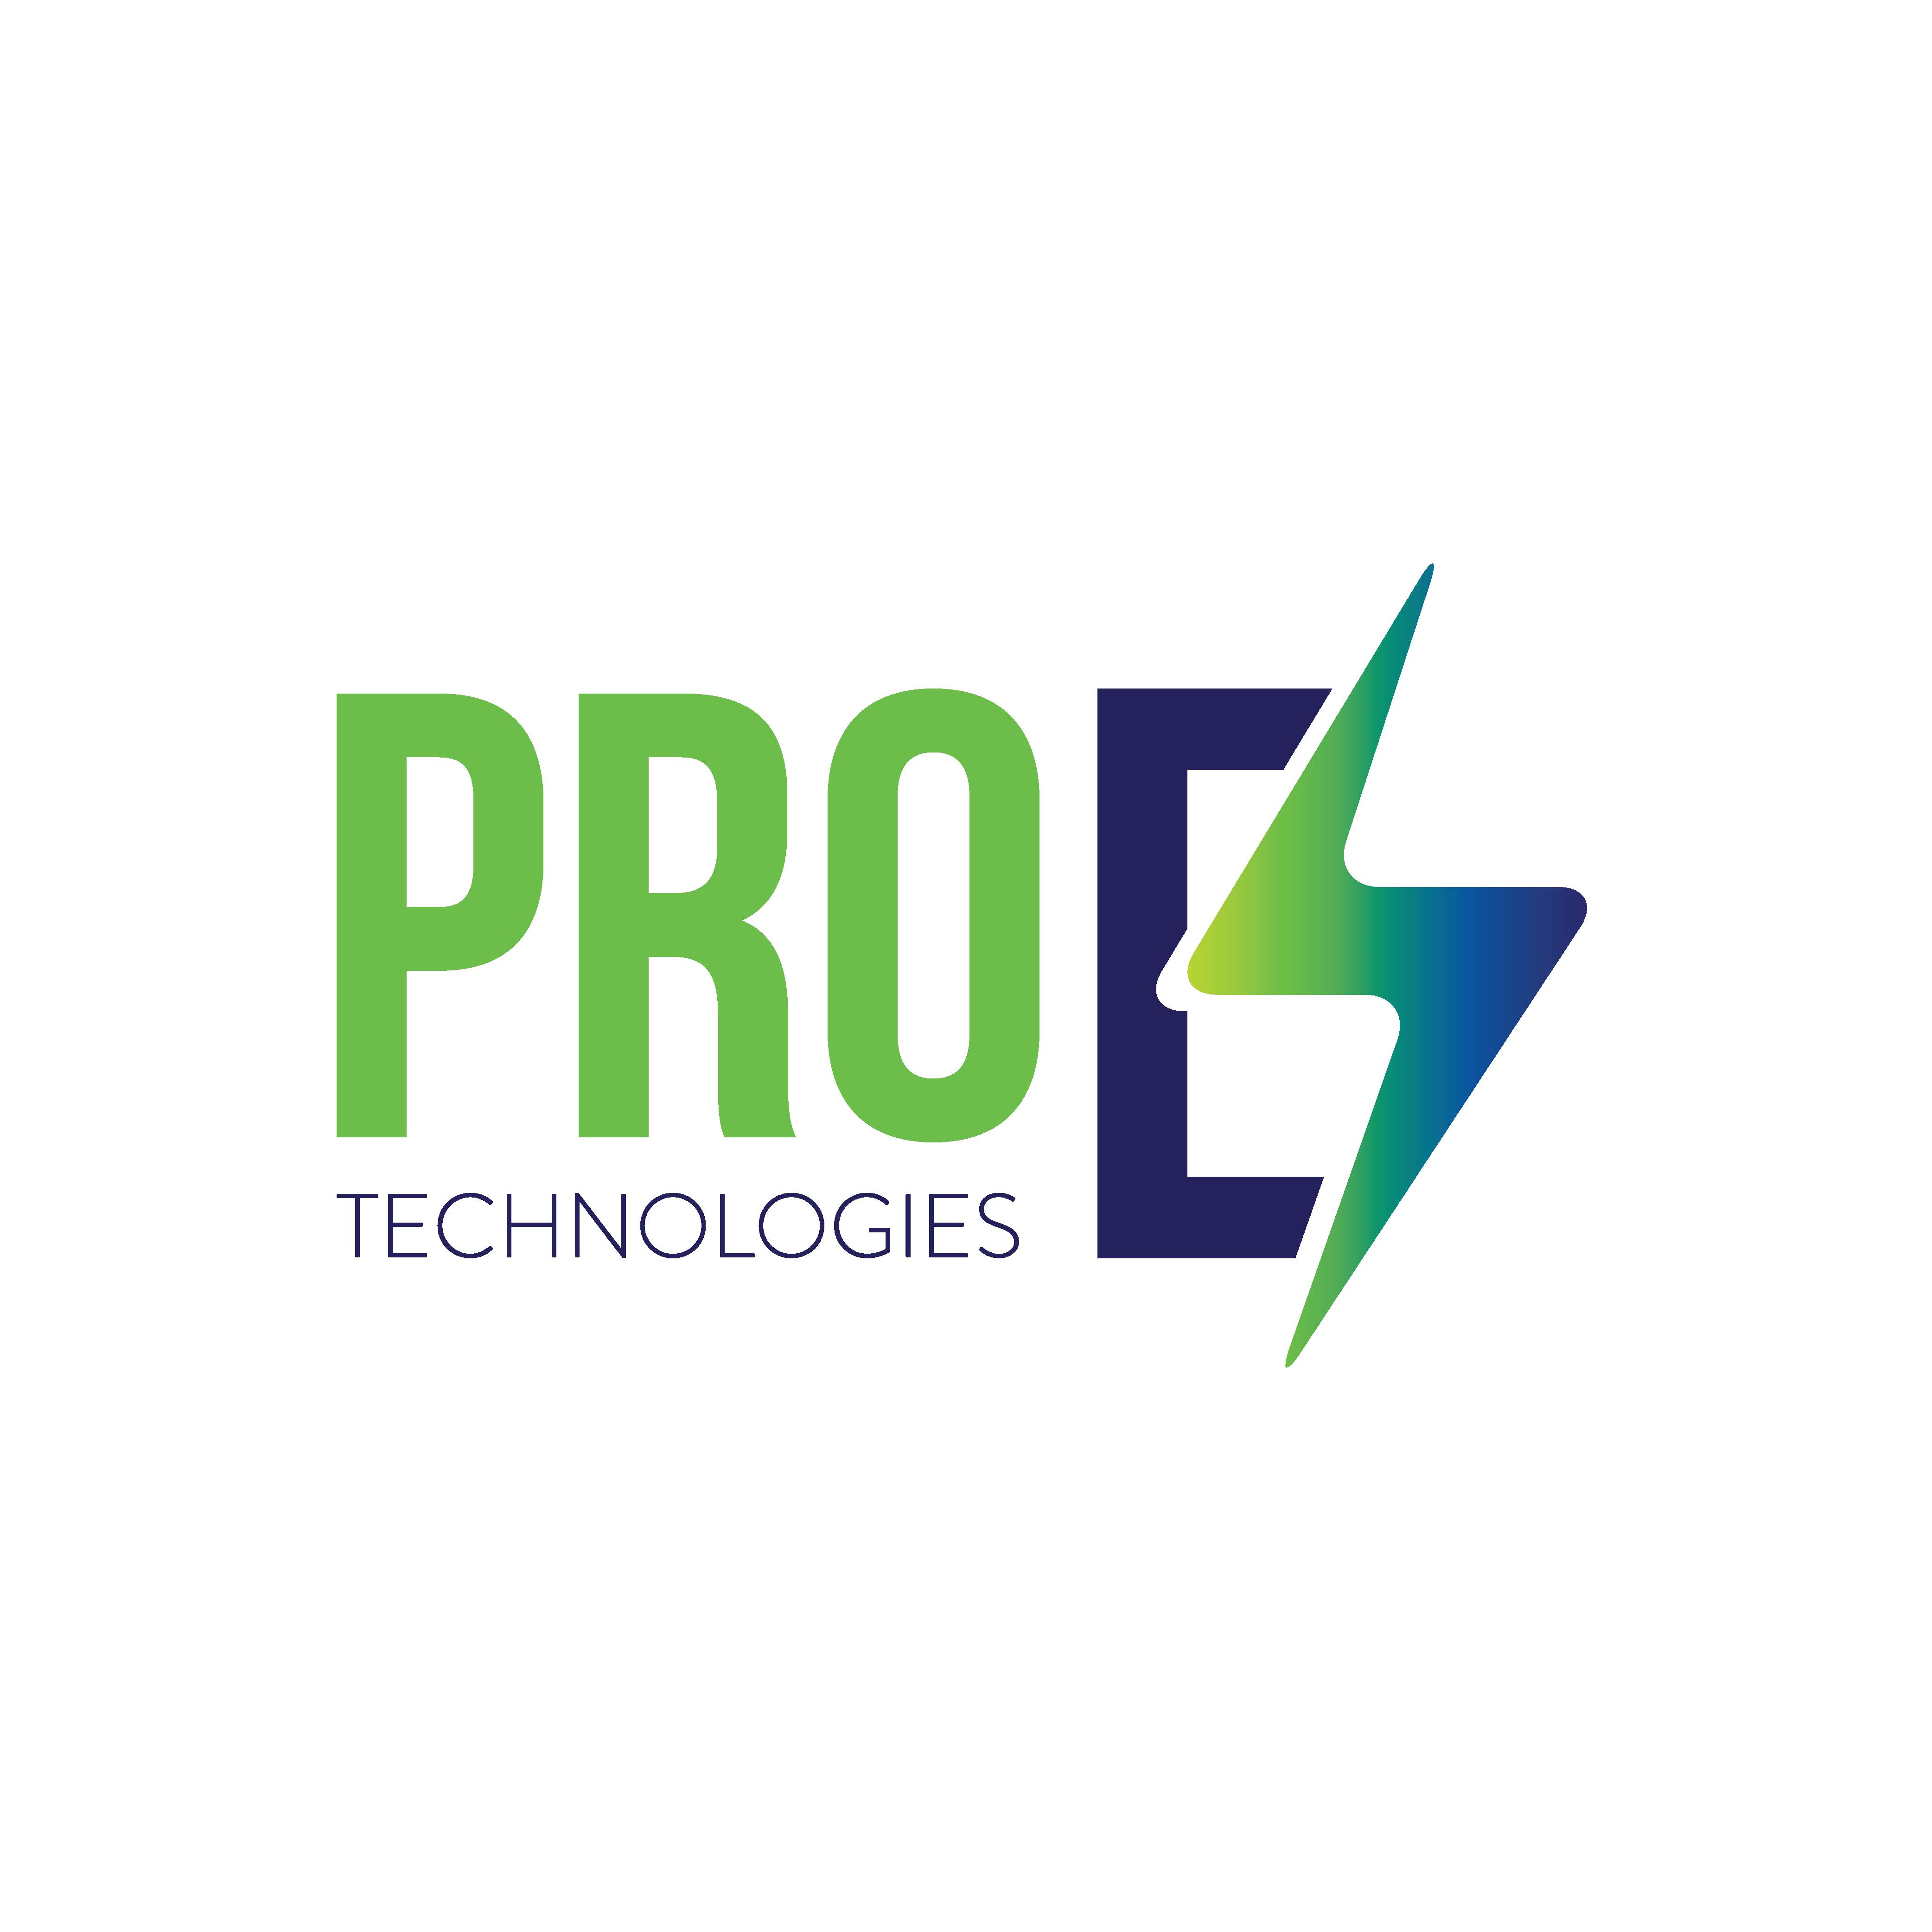 Pro E Technologies